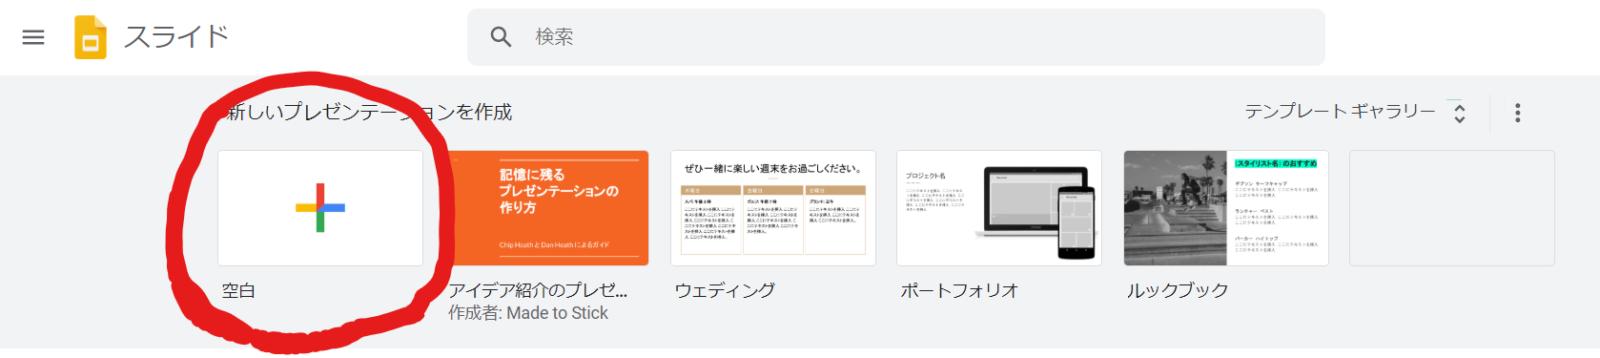 GoogleスライドでPowerPointファイルをインポートしてみよう!